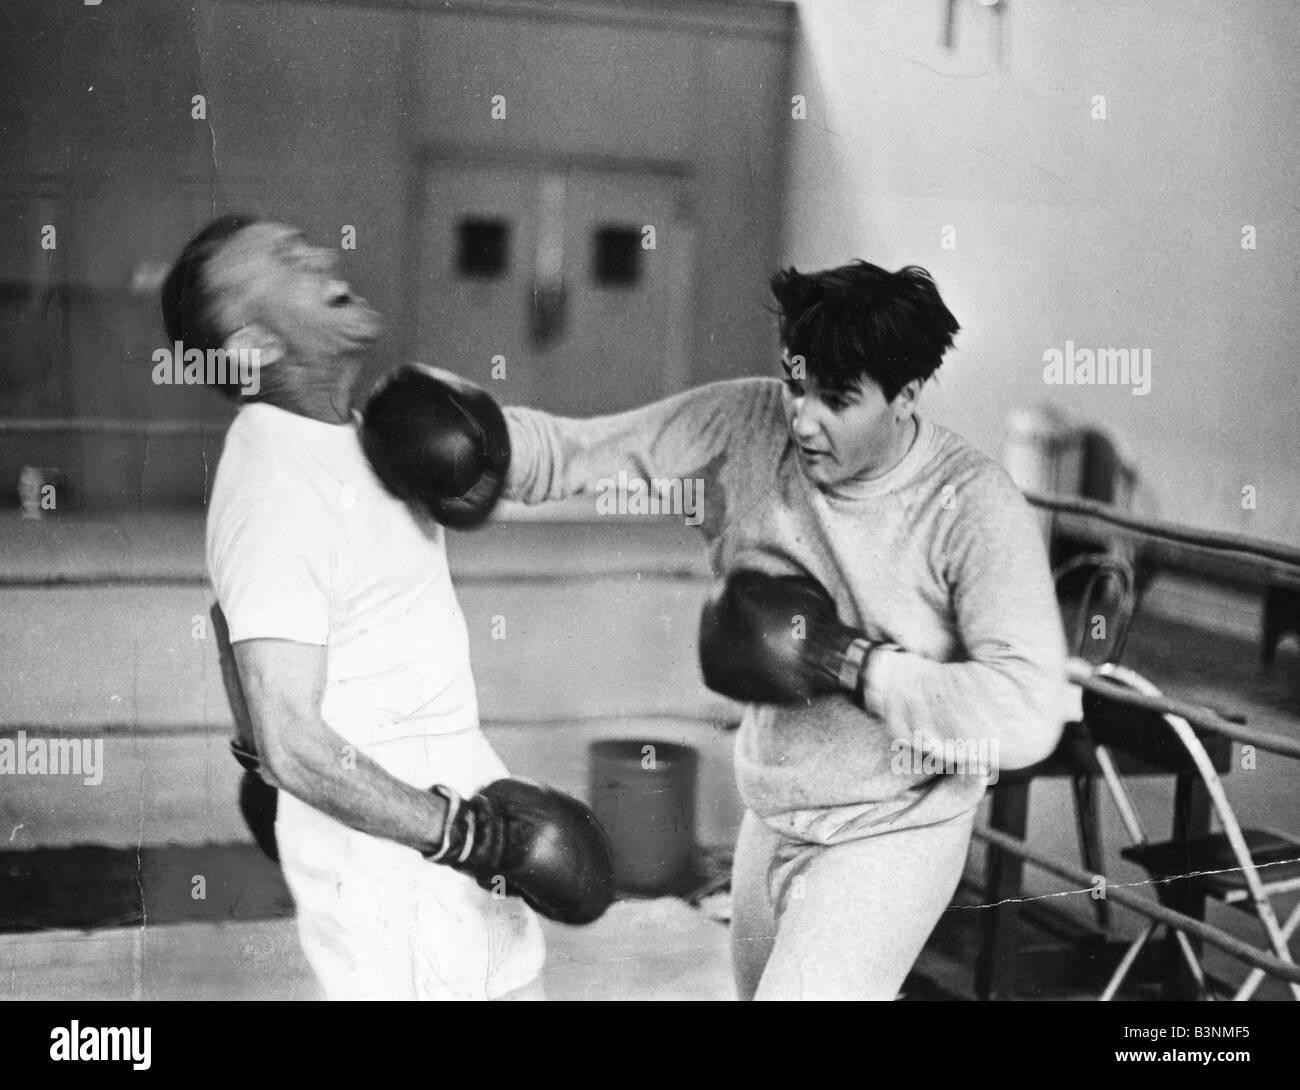 KID GALAHAD 1962 UA/Mirsch Film With Elvis Presley At